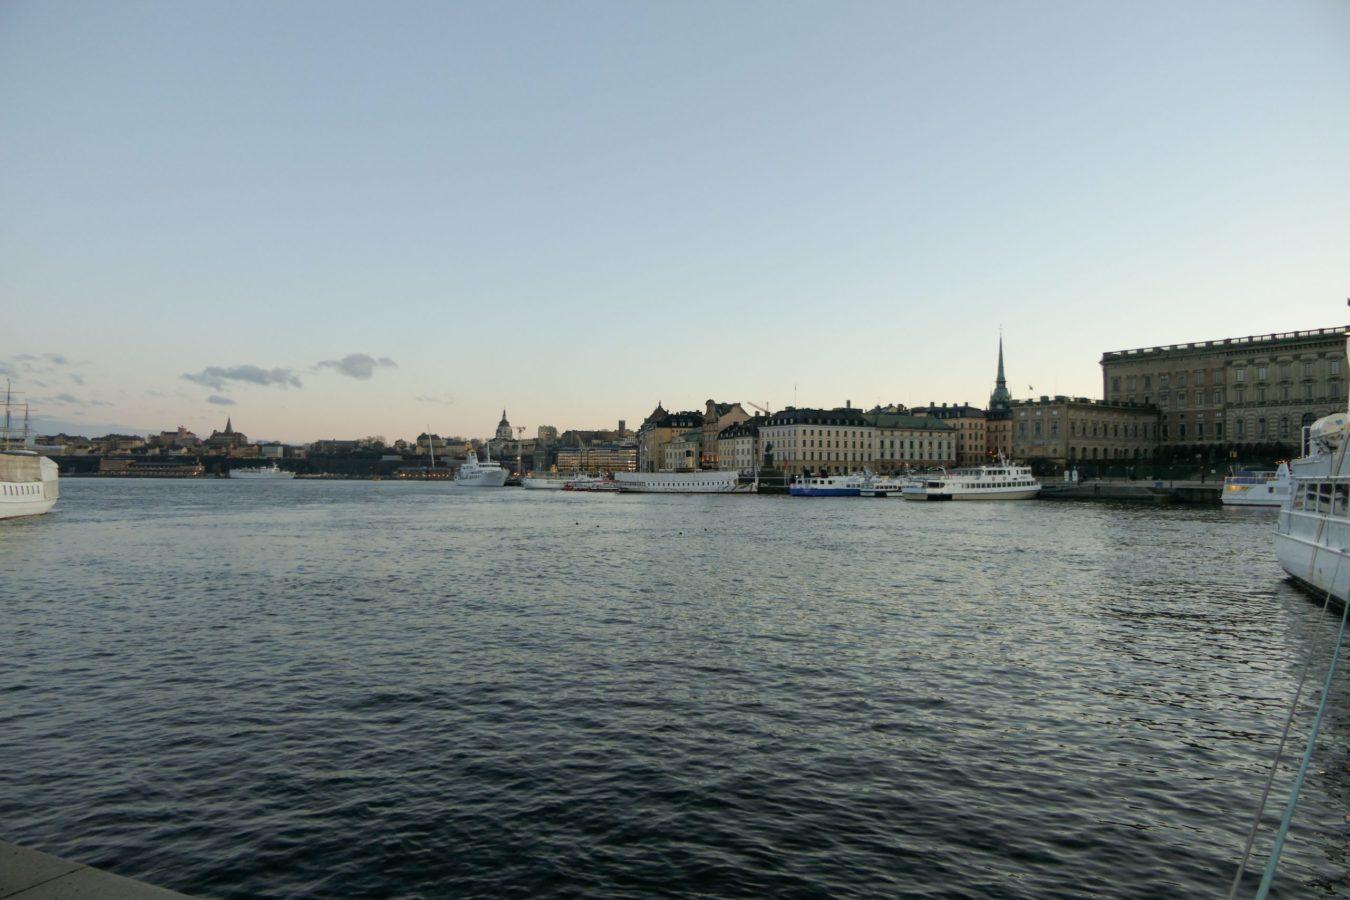 Stockholm Schweden Blasieholmen Wasser Ausblick Abend